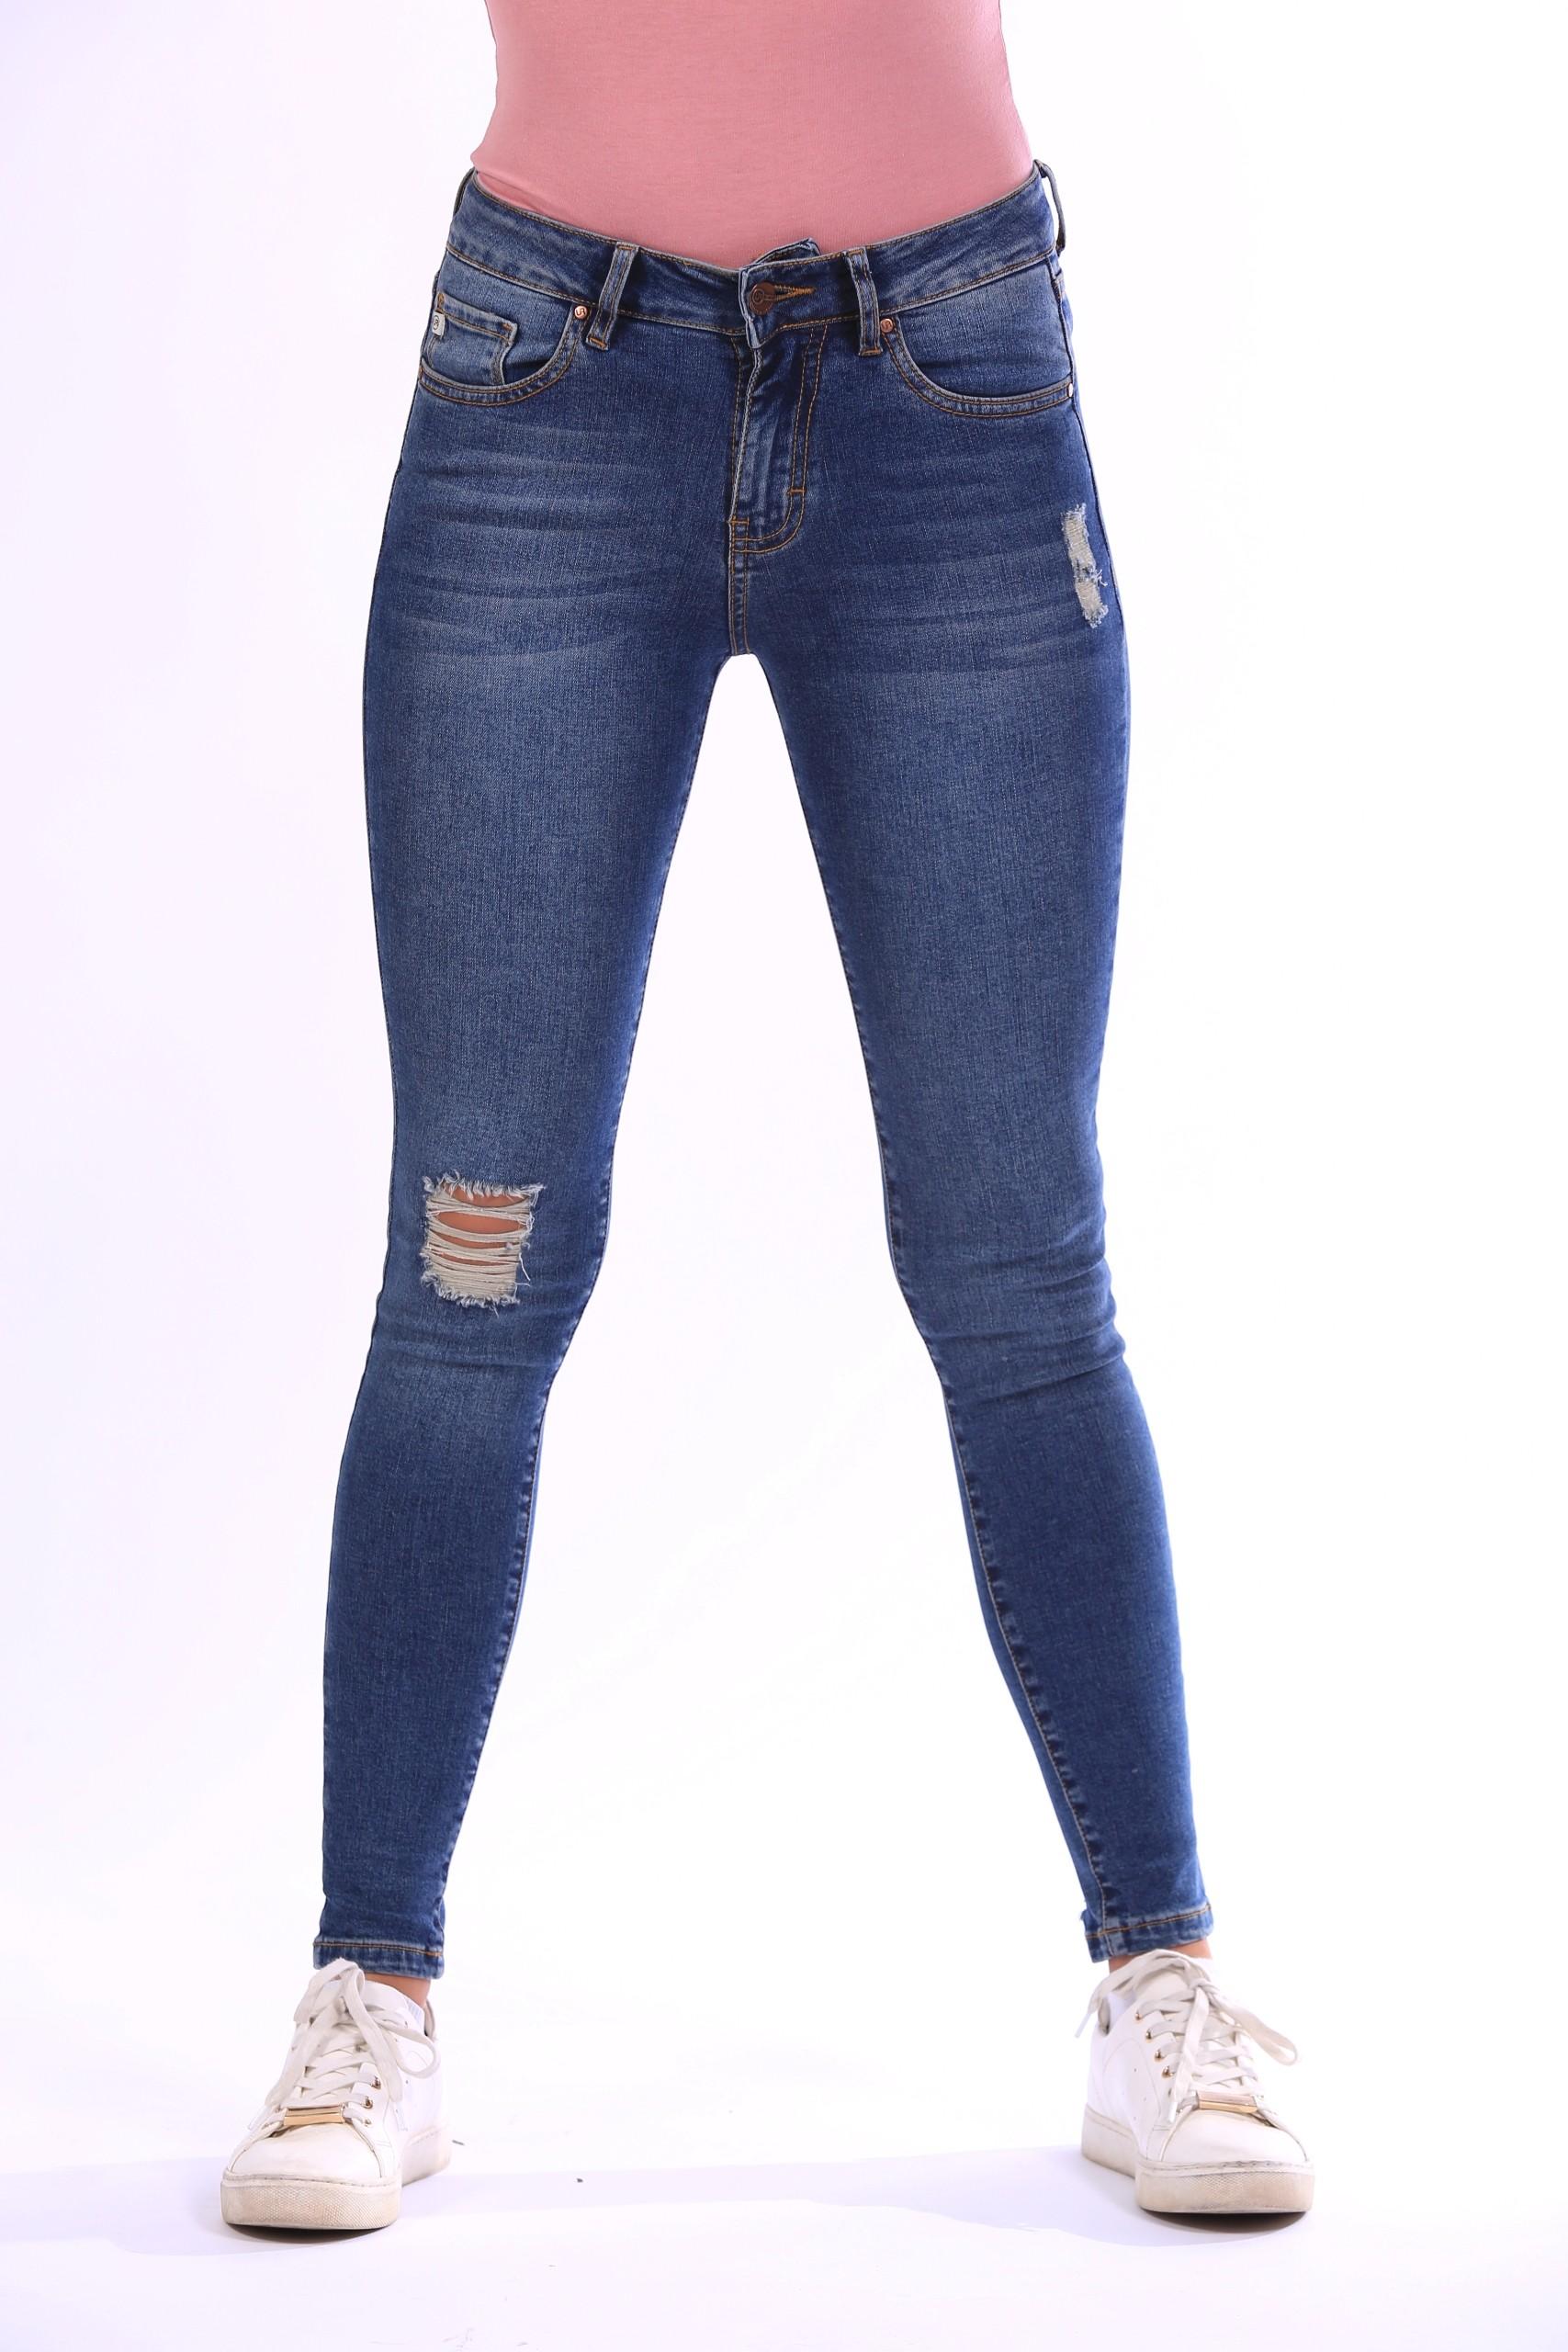 Jeans Moda Slim Rotos La Casa Del Jean